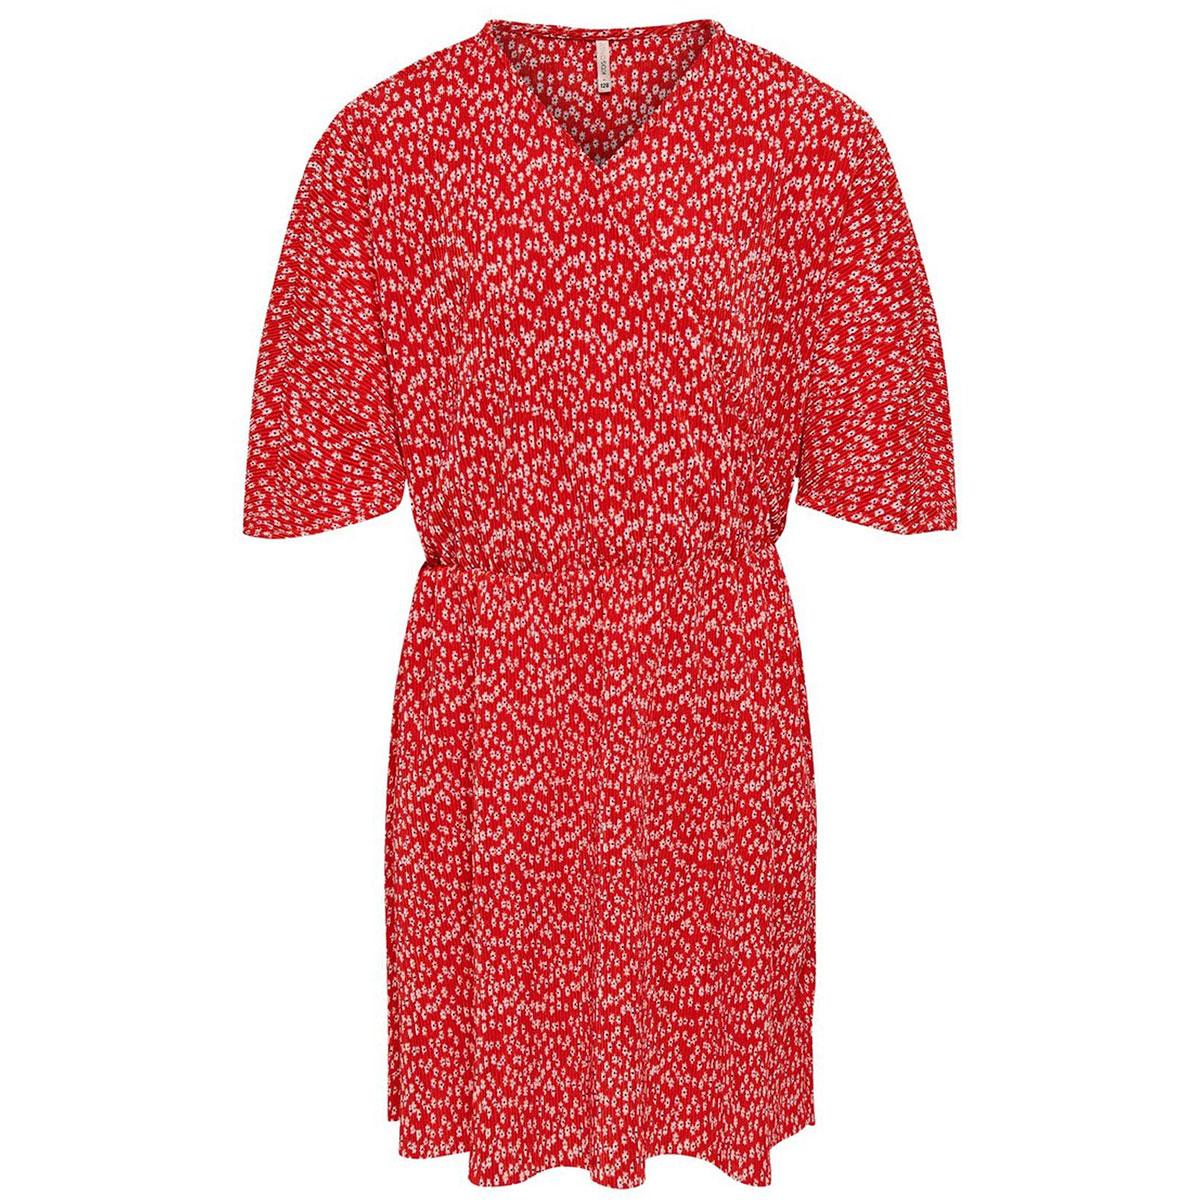 e699a8b867ffb5 Meisjes jurken   rokken sale koop je online bij